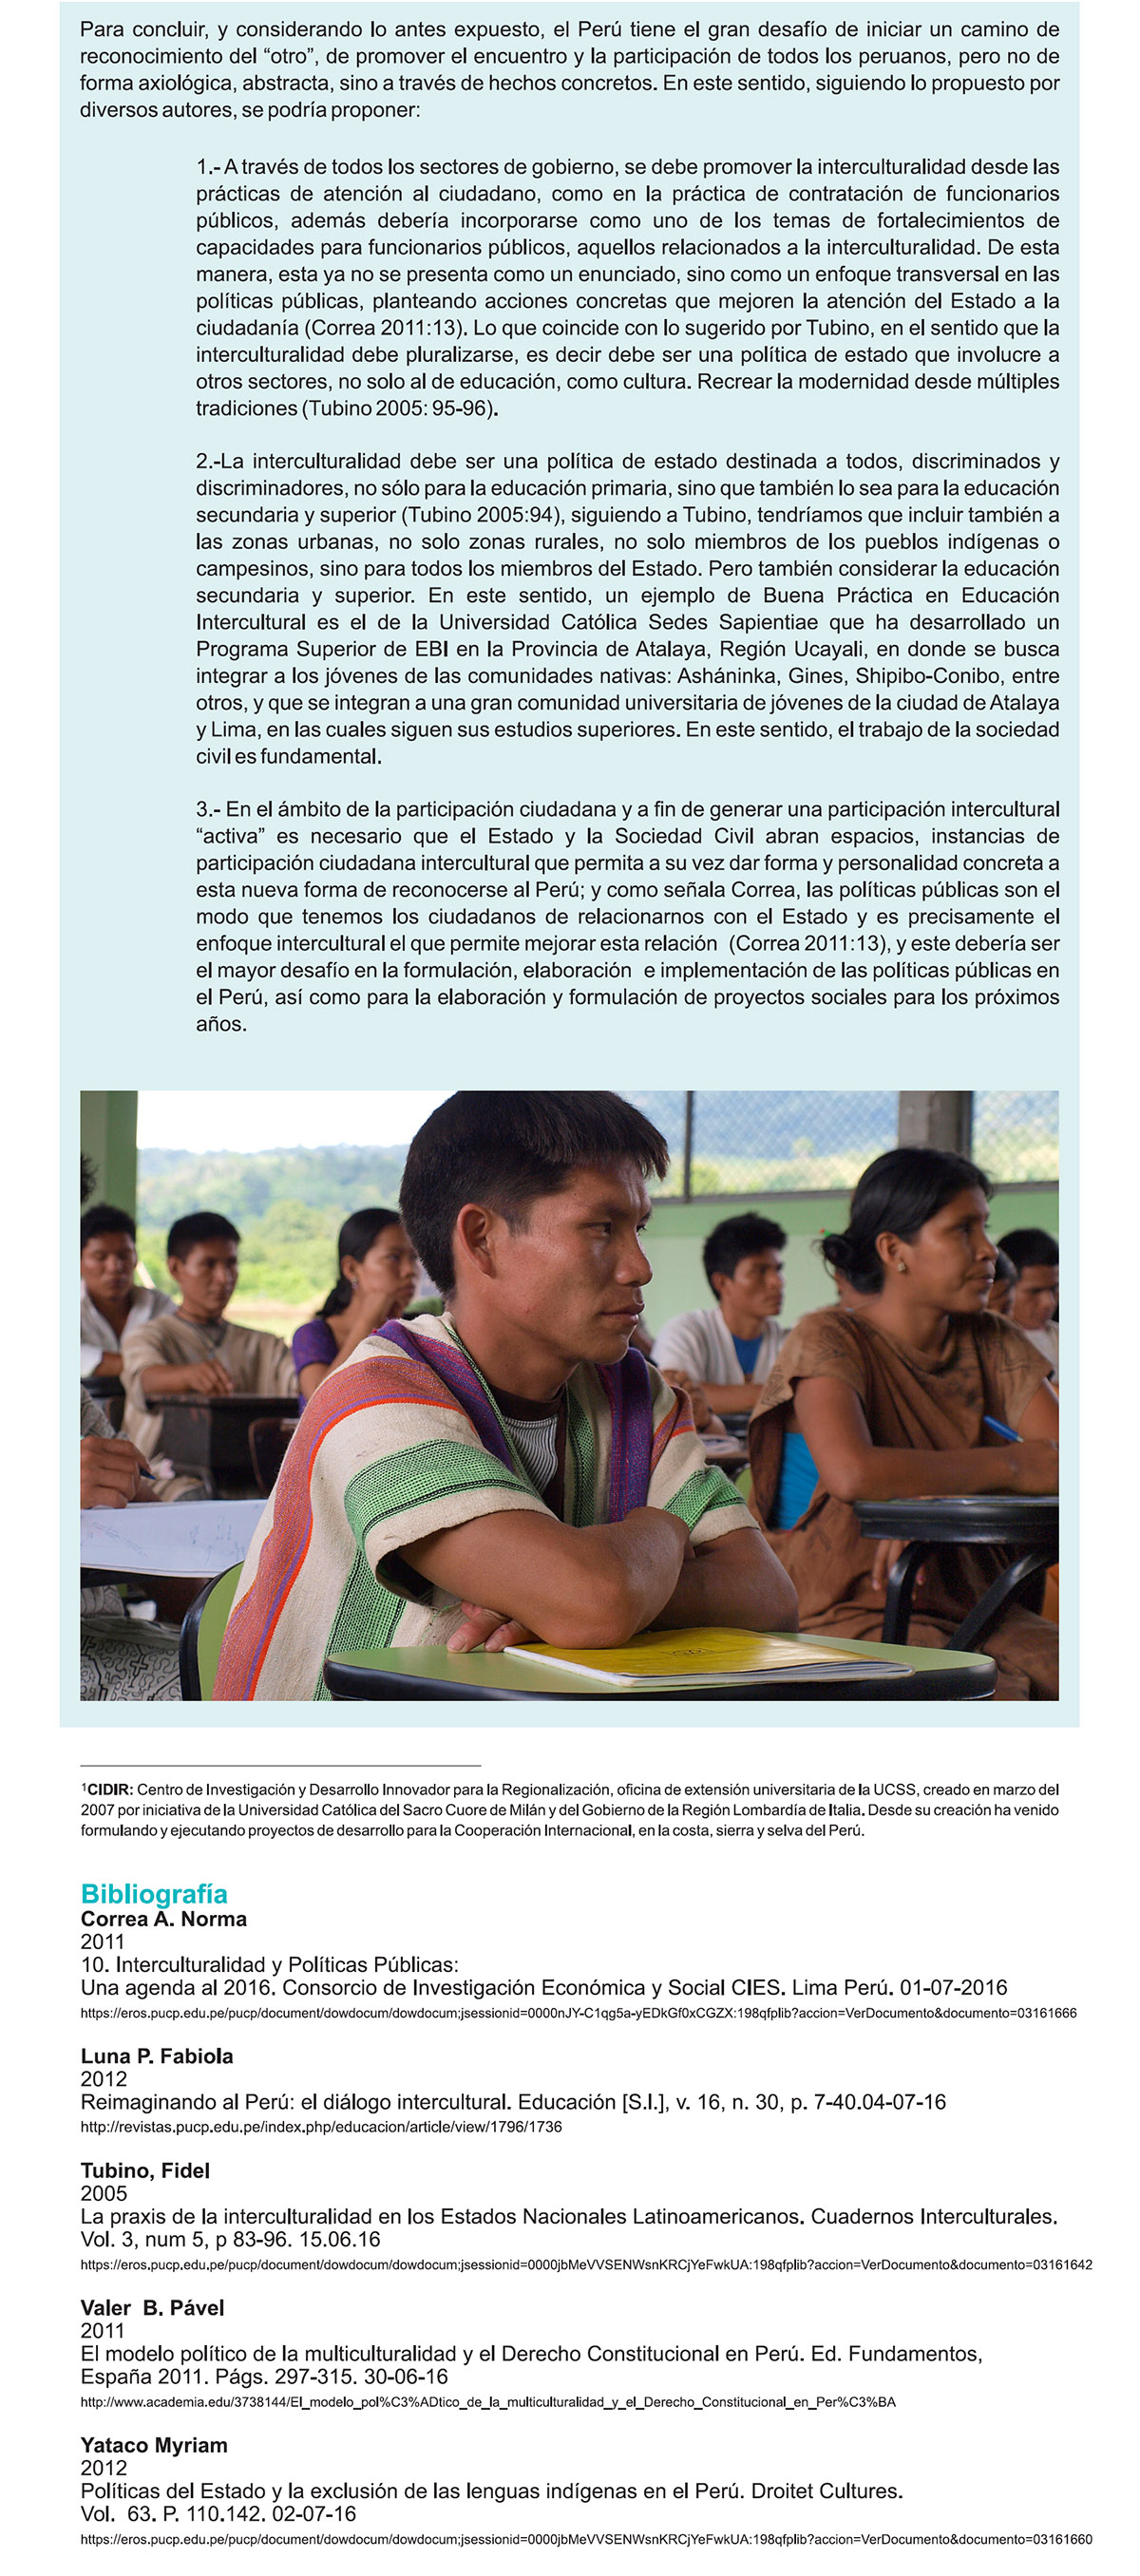 interculturalidad-politicas-publicas-2